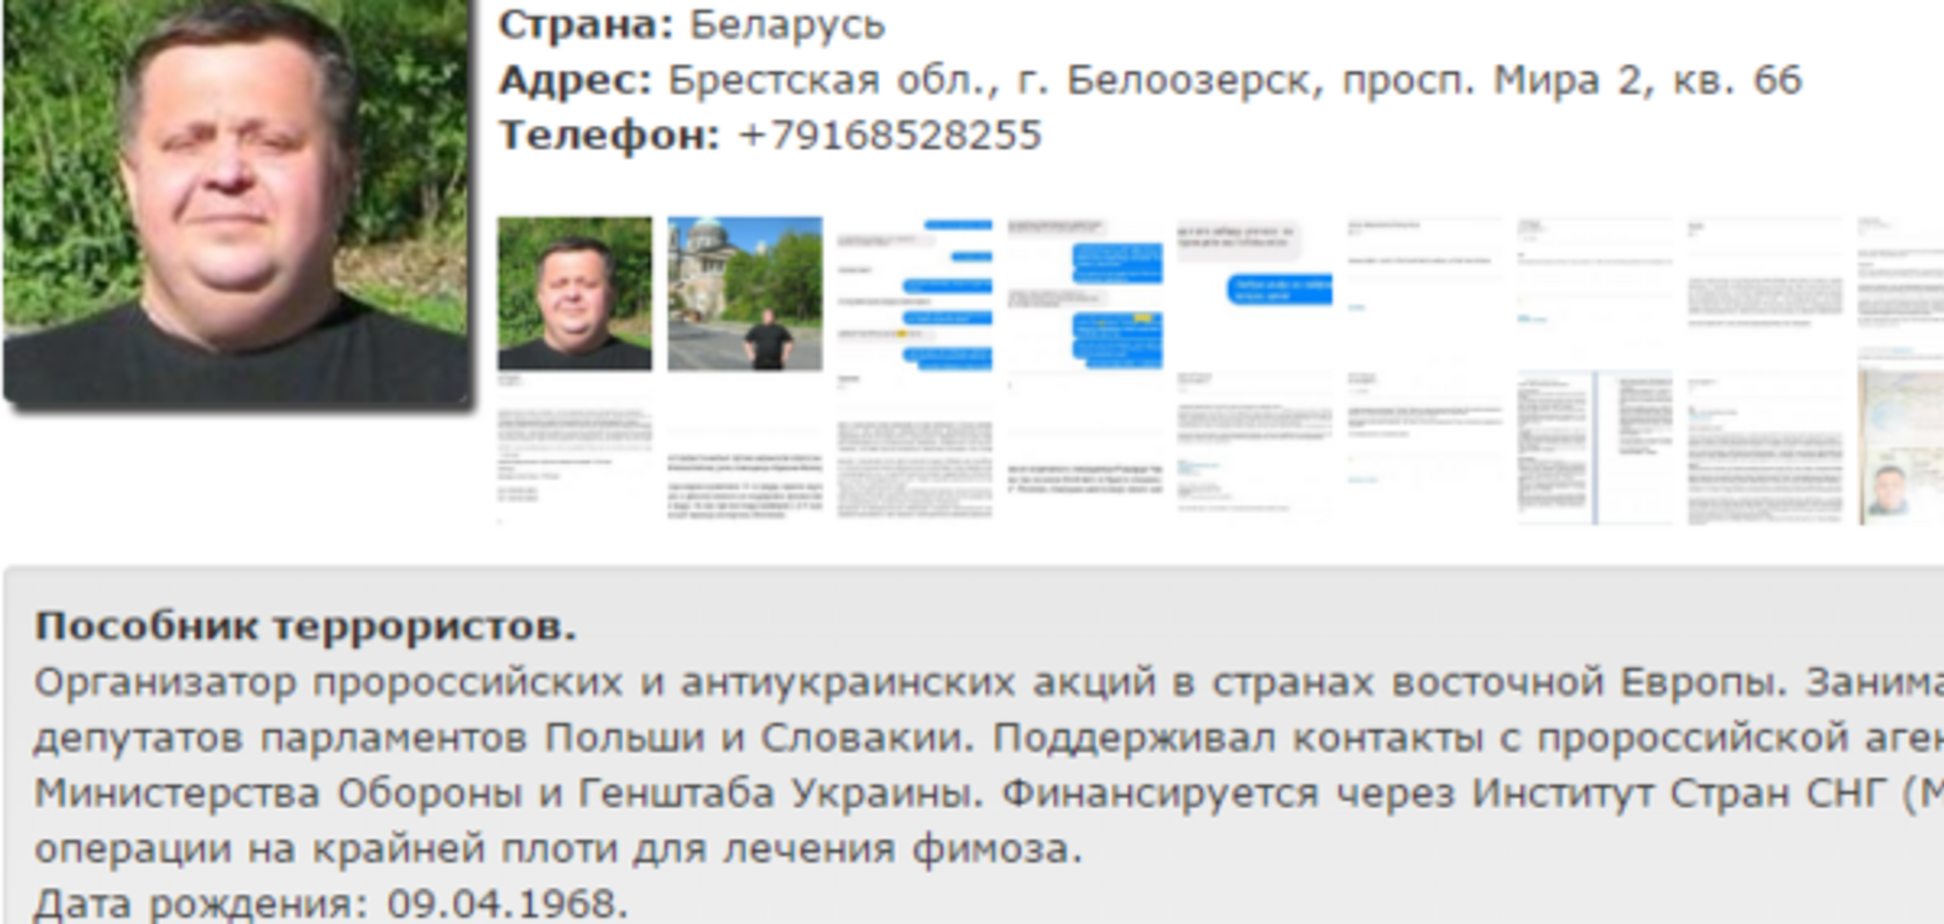 Работают в Польше: стало известно о новой спецоперации спецслужб РФ против Украины